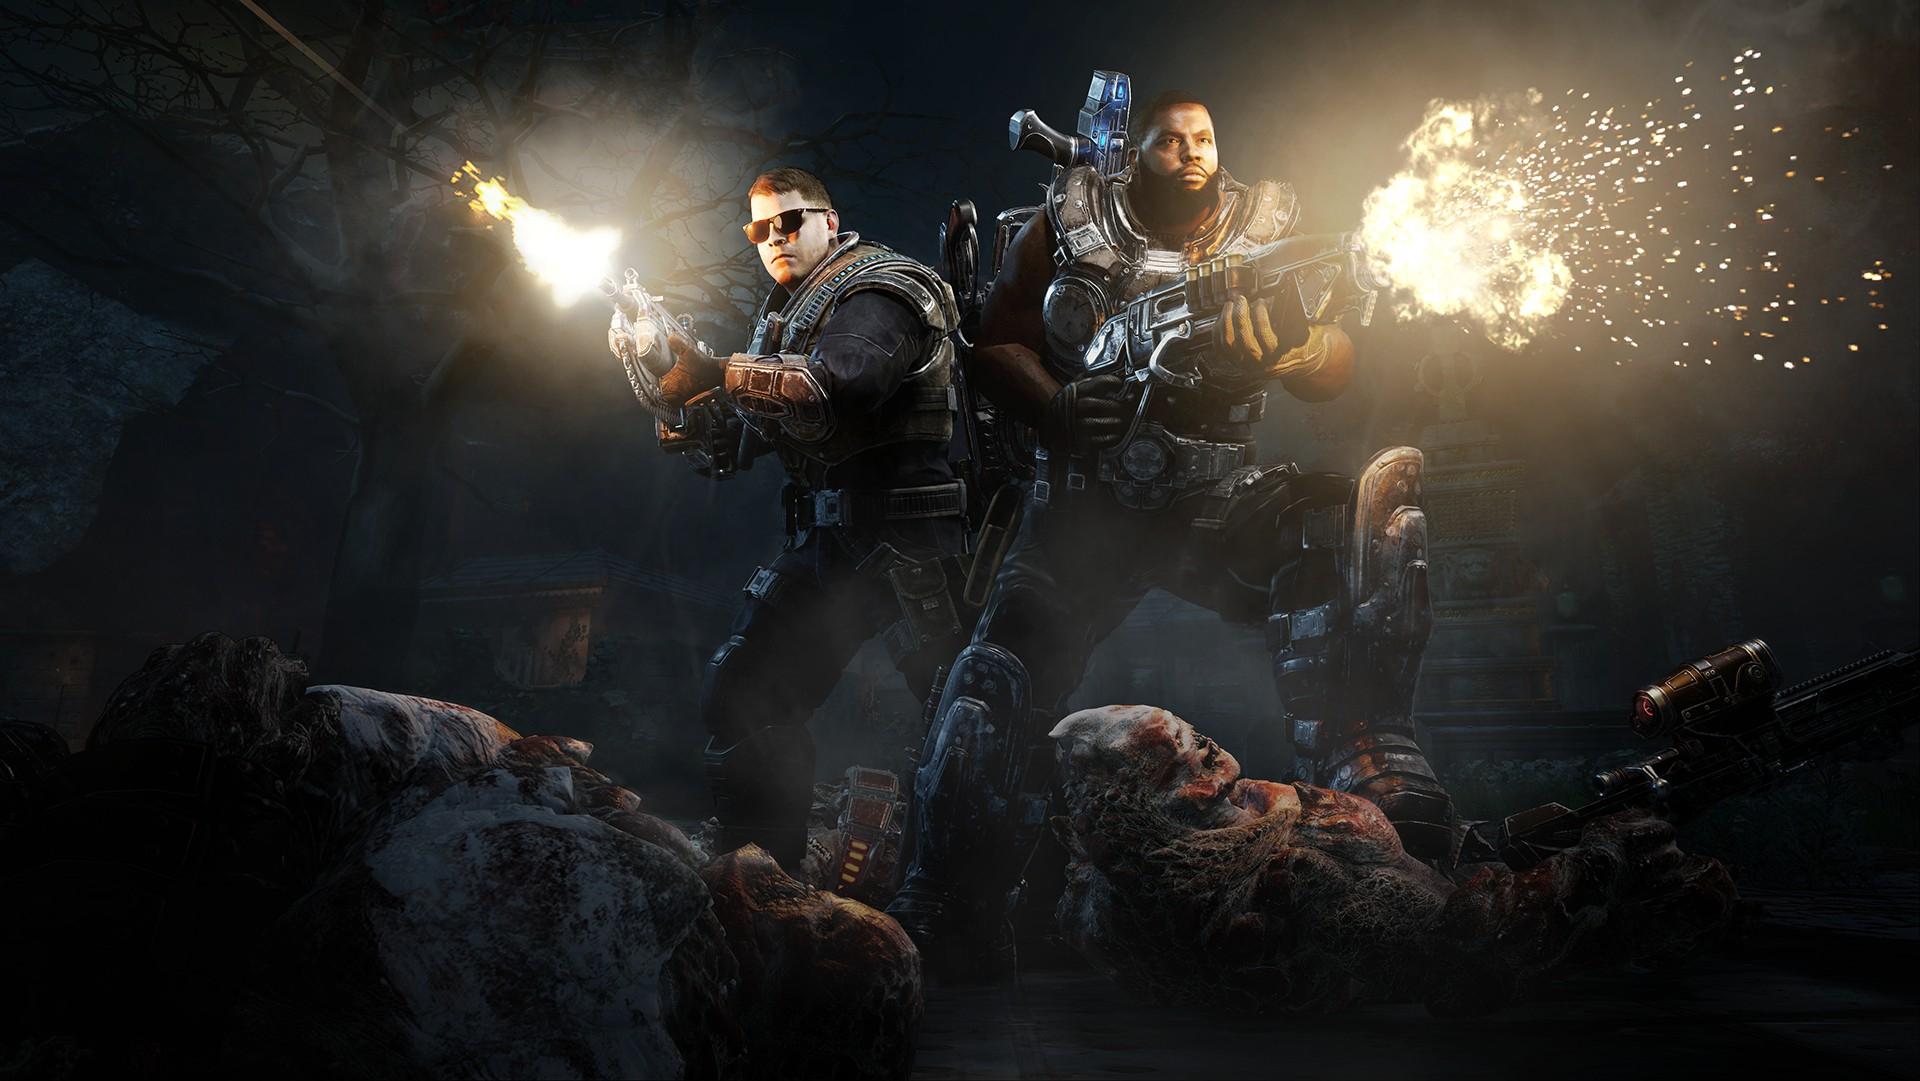 gears_of_war_4_e7b838d3.jpeg - Gears of War 4